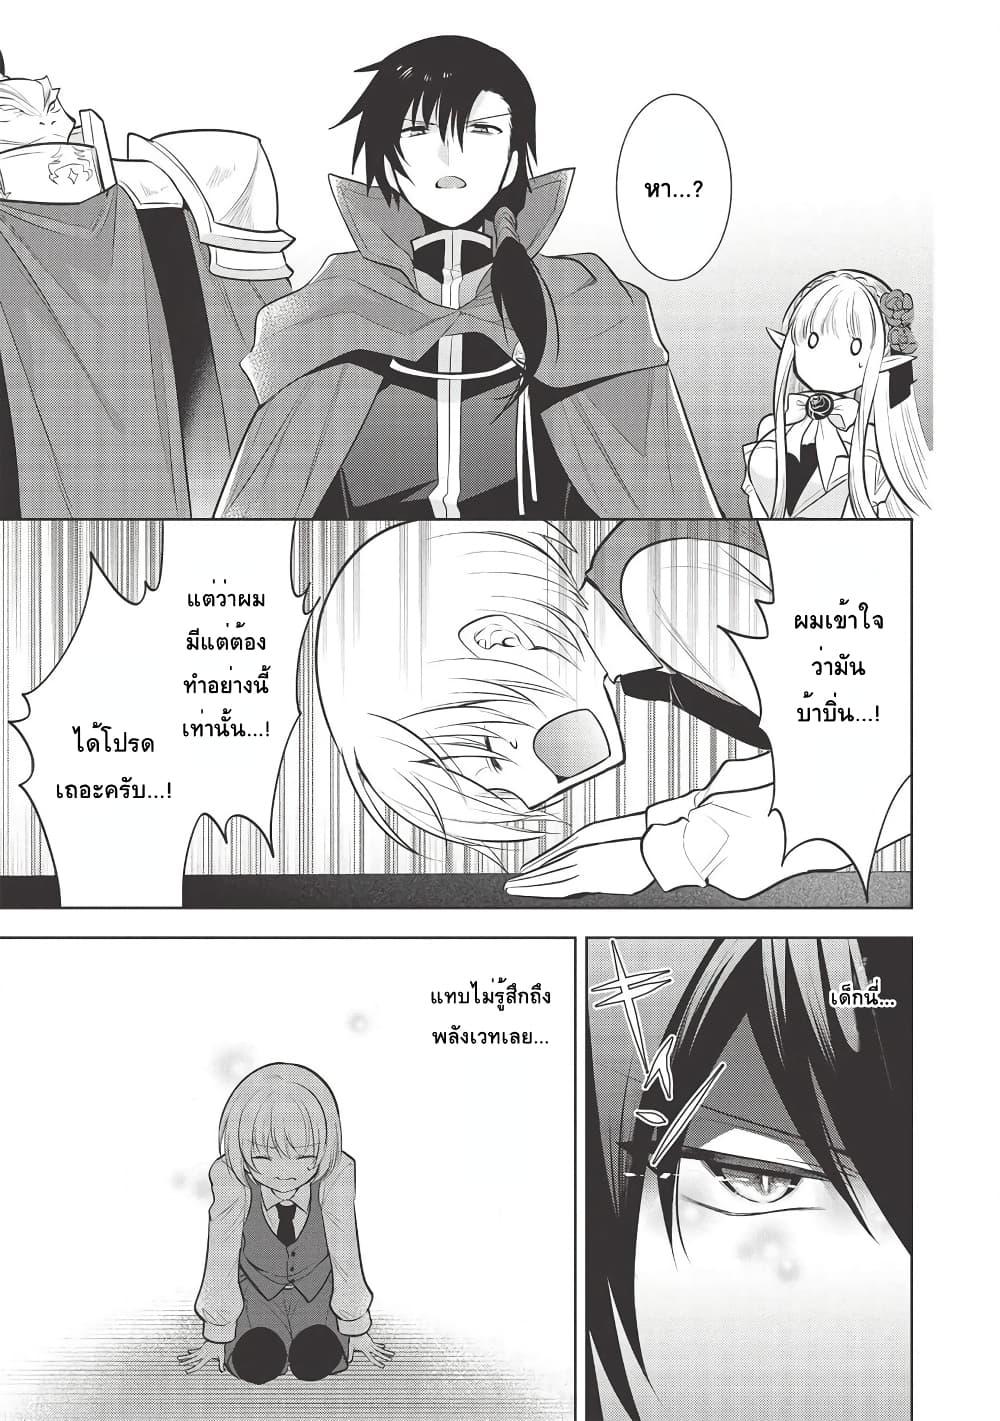 อ่านการ์ตูน Maou no Ore ga Dorei Elf wo Yome ni Shitanda ga Dou Medereba Ii ตอนที่ 28 หน้าที่ 19